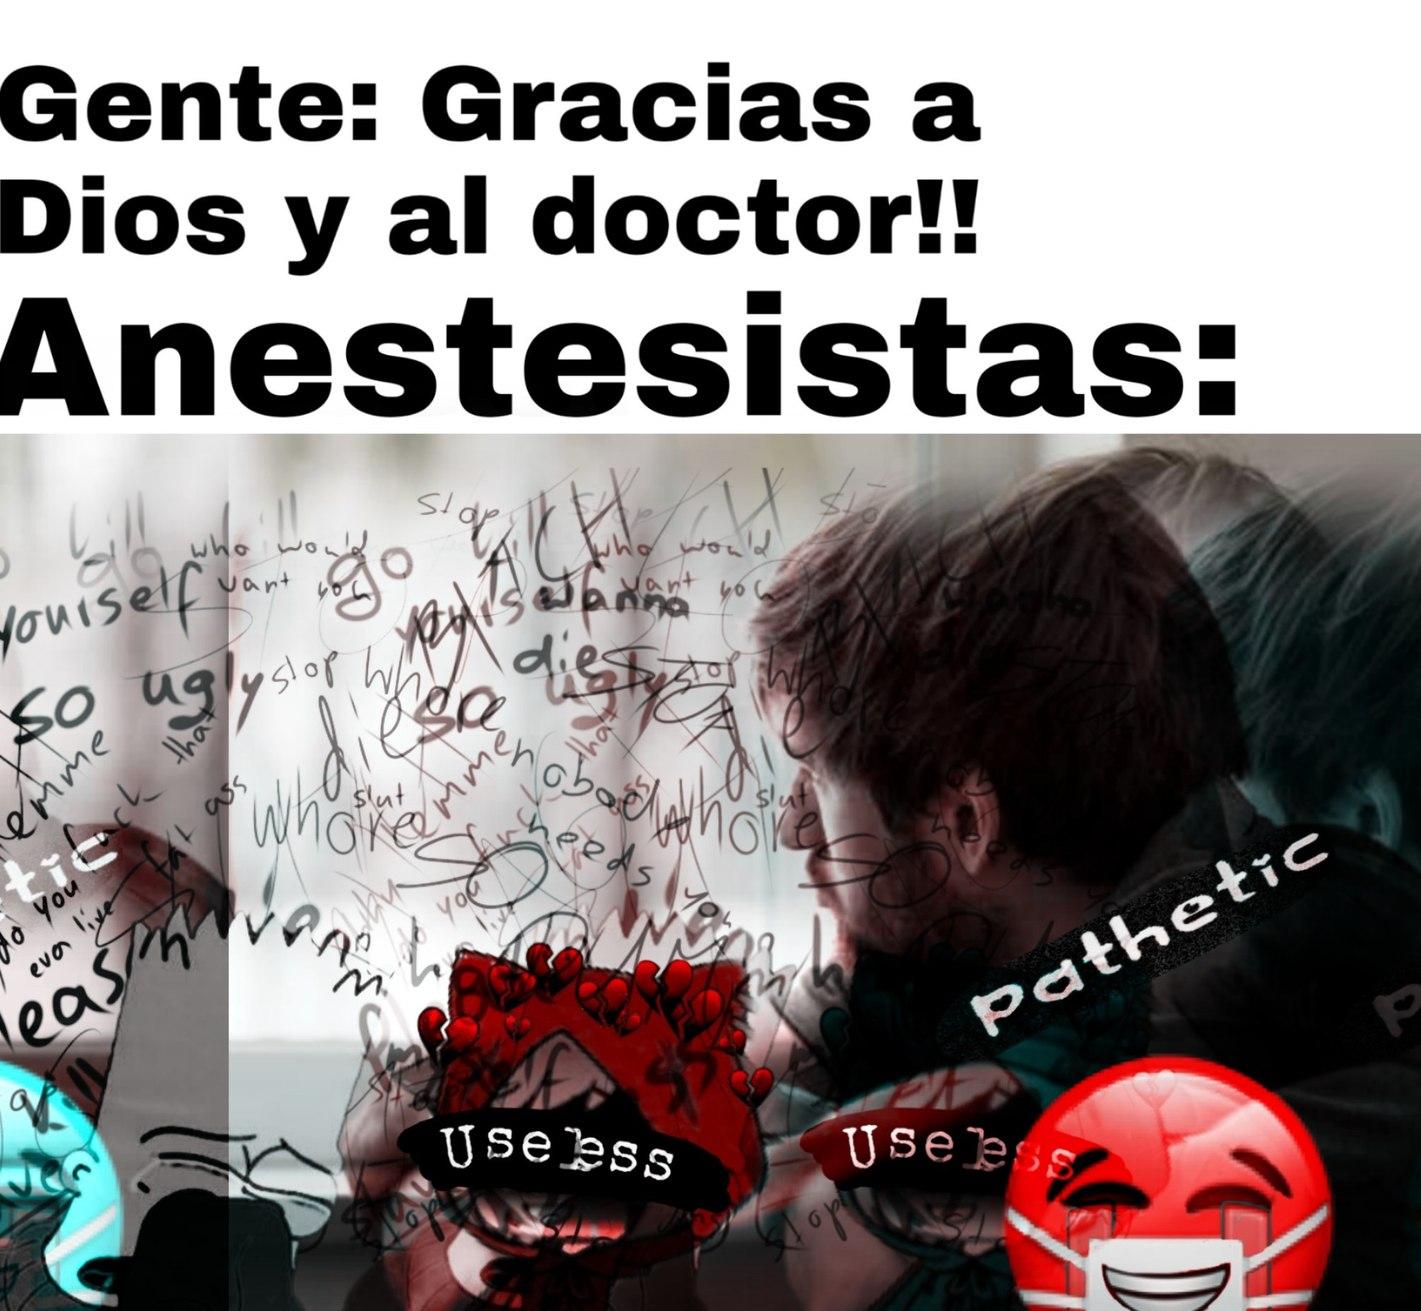 Un poco de respeto a los anestesistas - meme